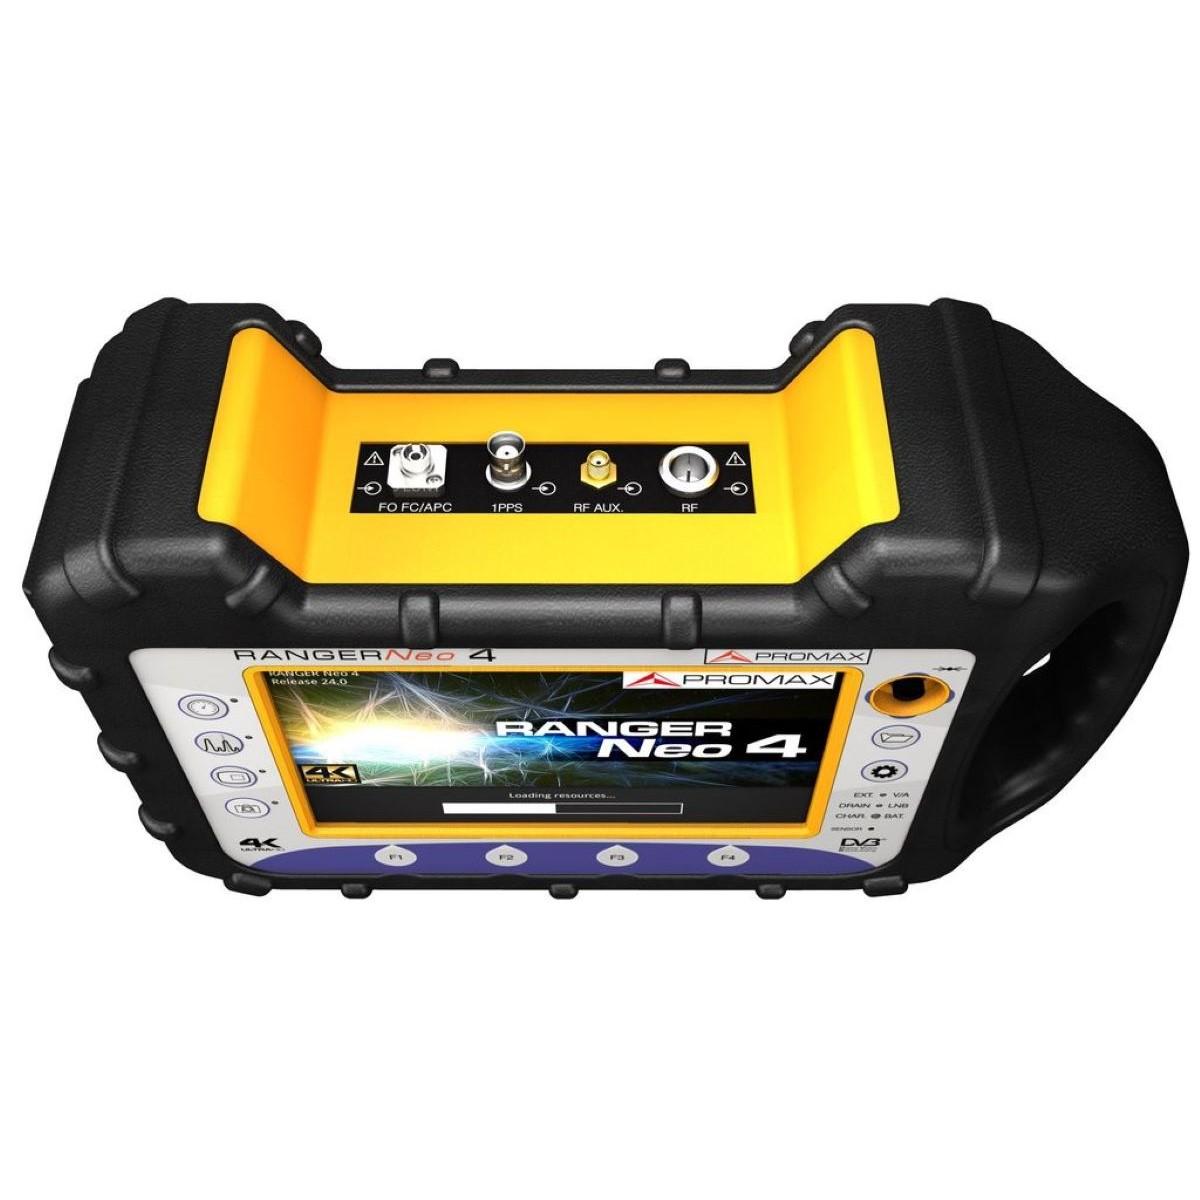 Medidor de campo de gama alta con descodificador 4K ProMax RANGERNeo